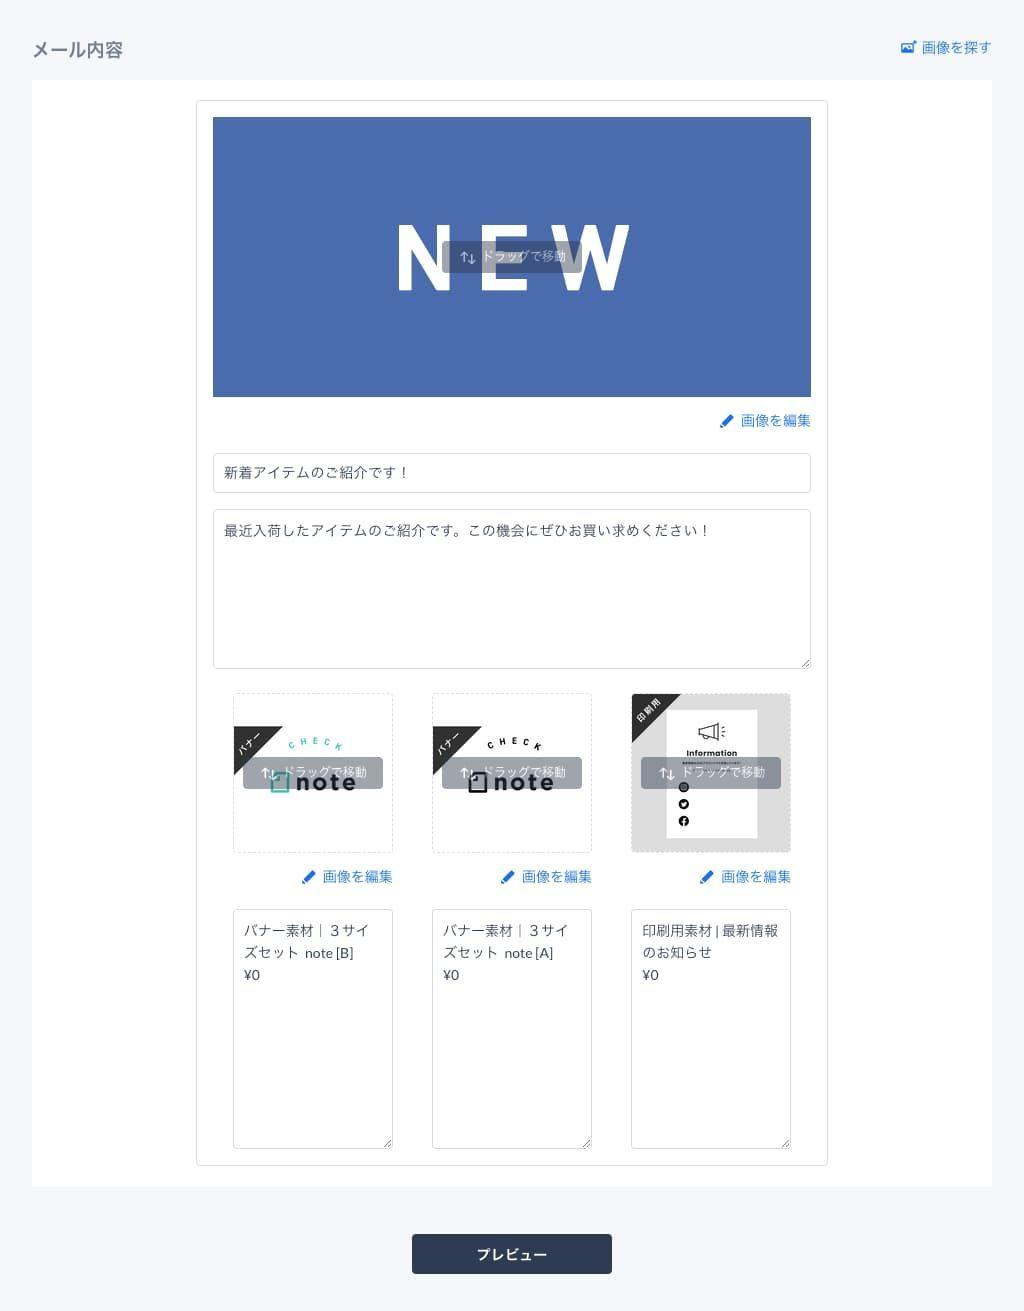 f:id:storesblog:20200916144323j:plain